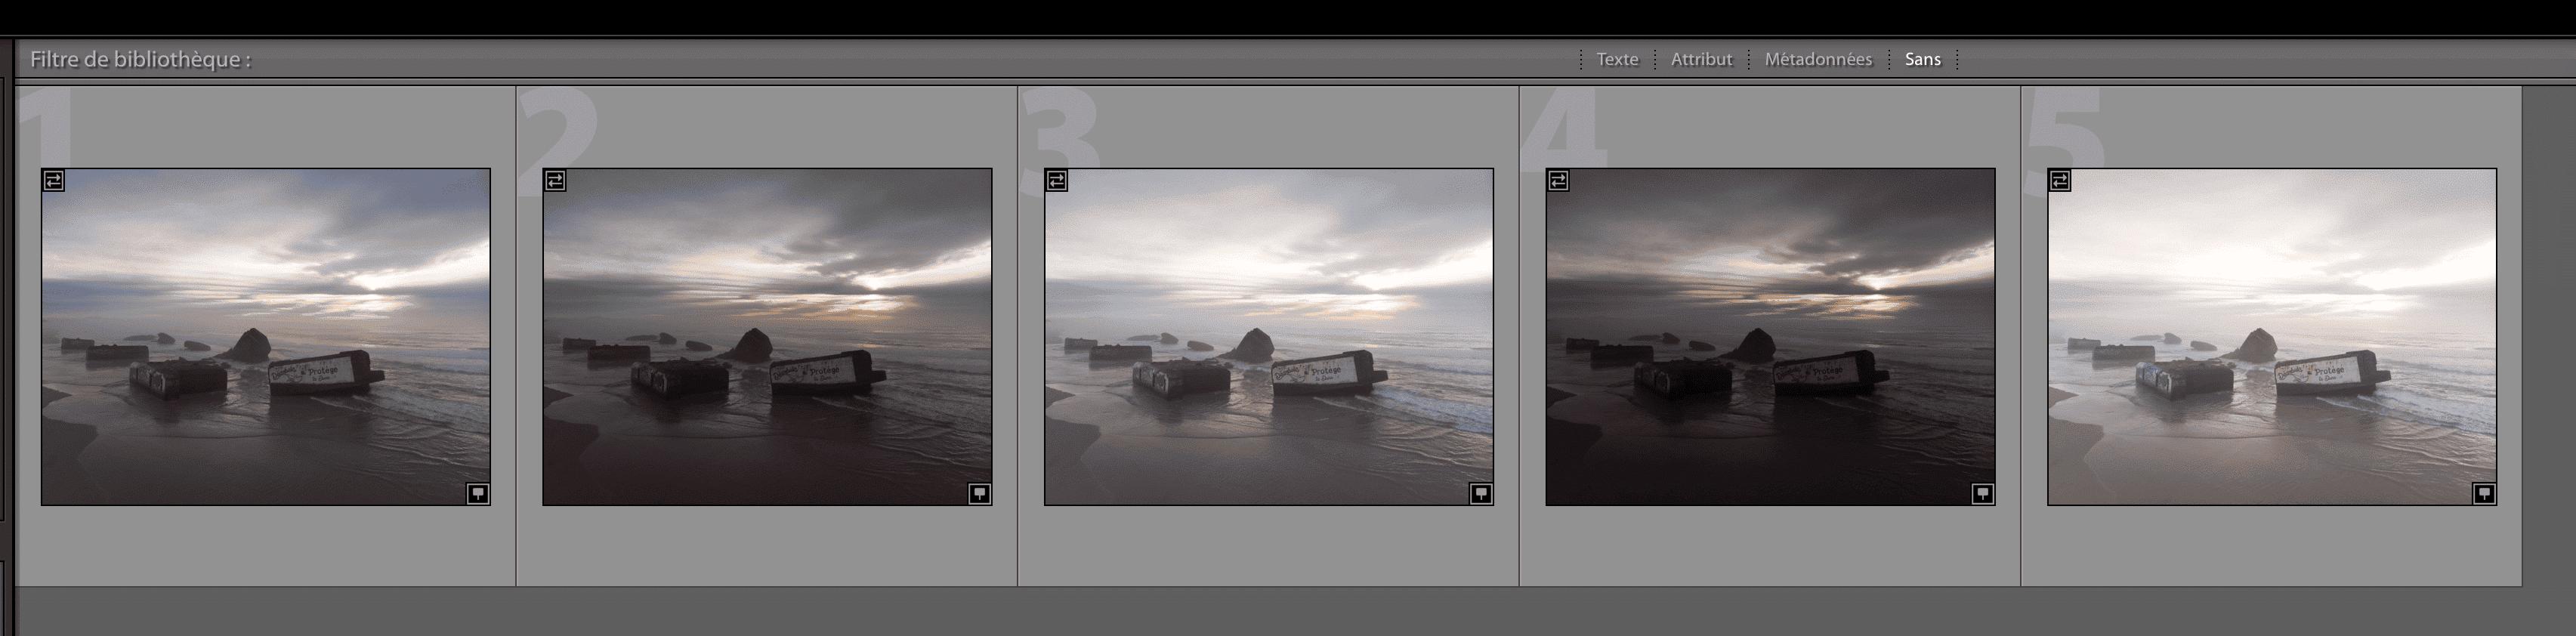 Les 5 photos générées grâce au mode AEB du DJI Mavic Air